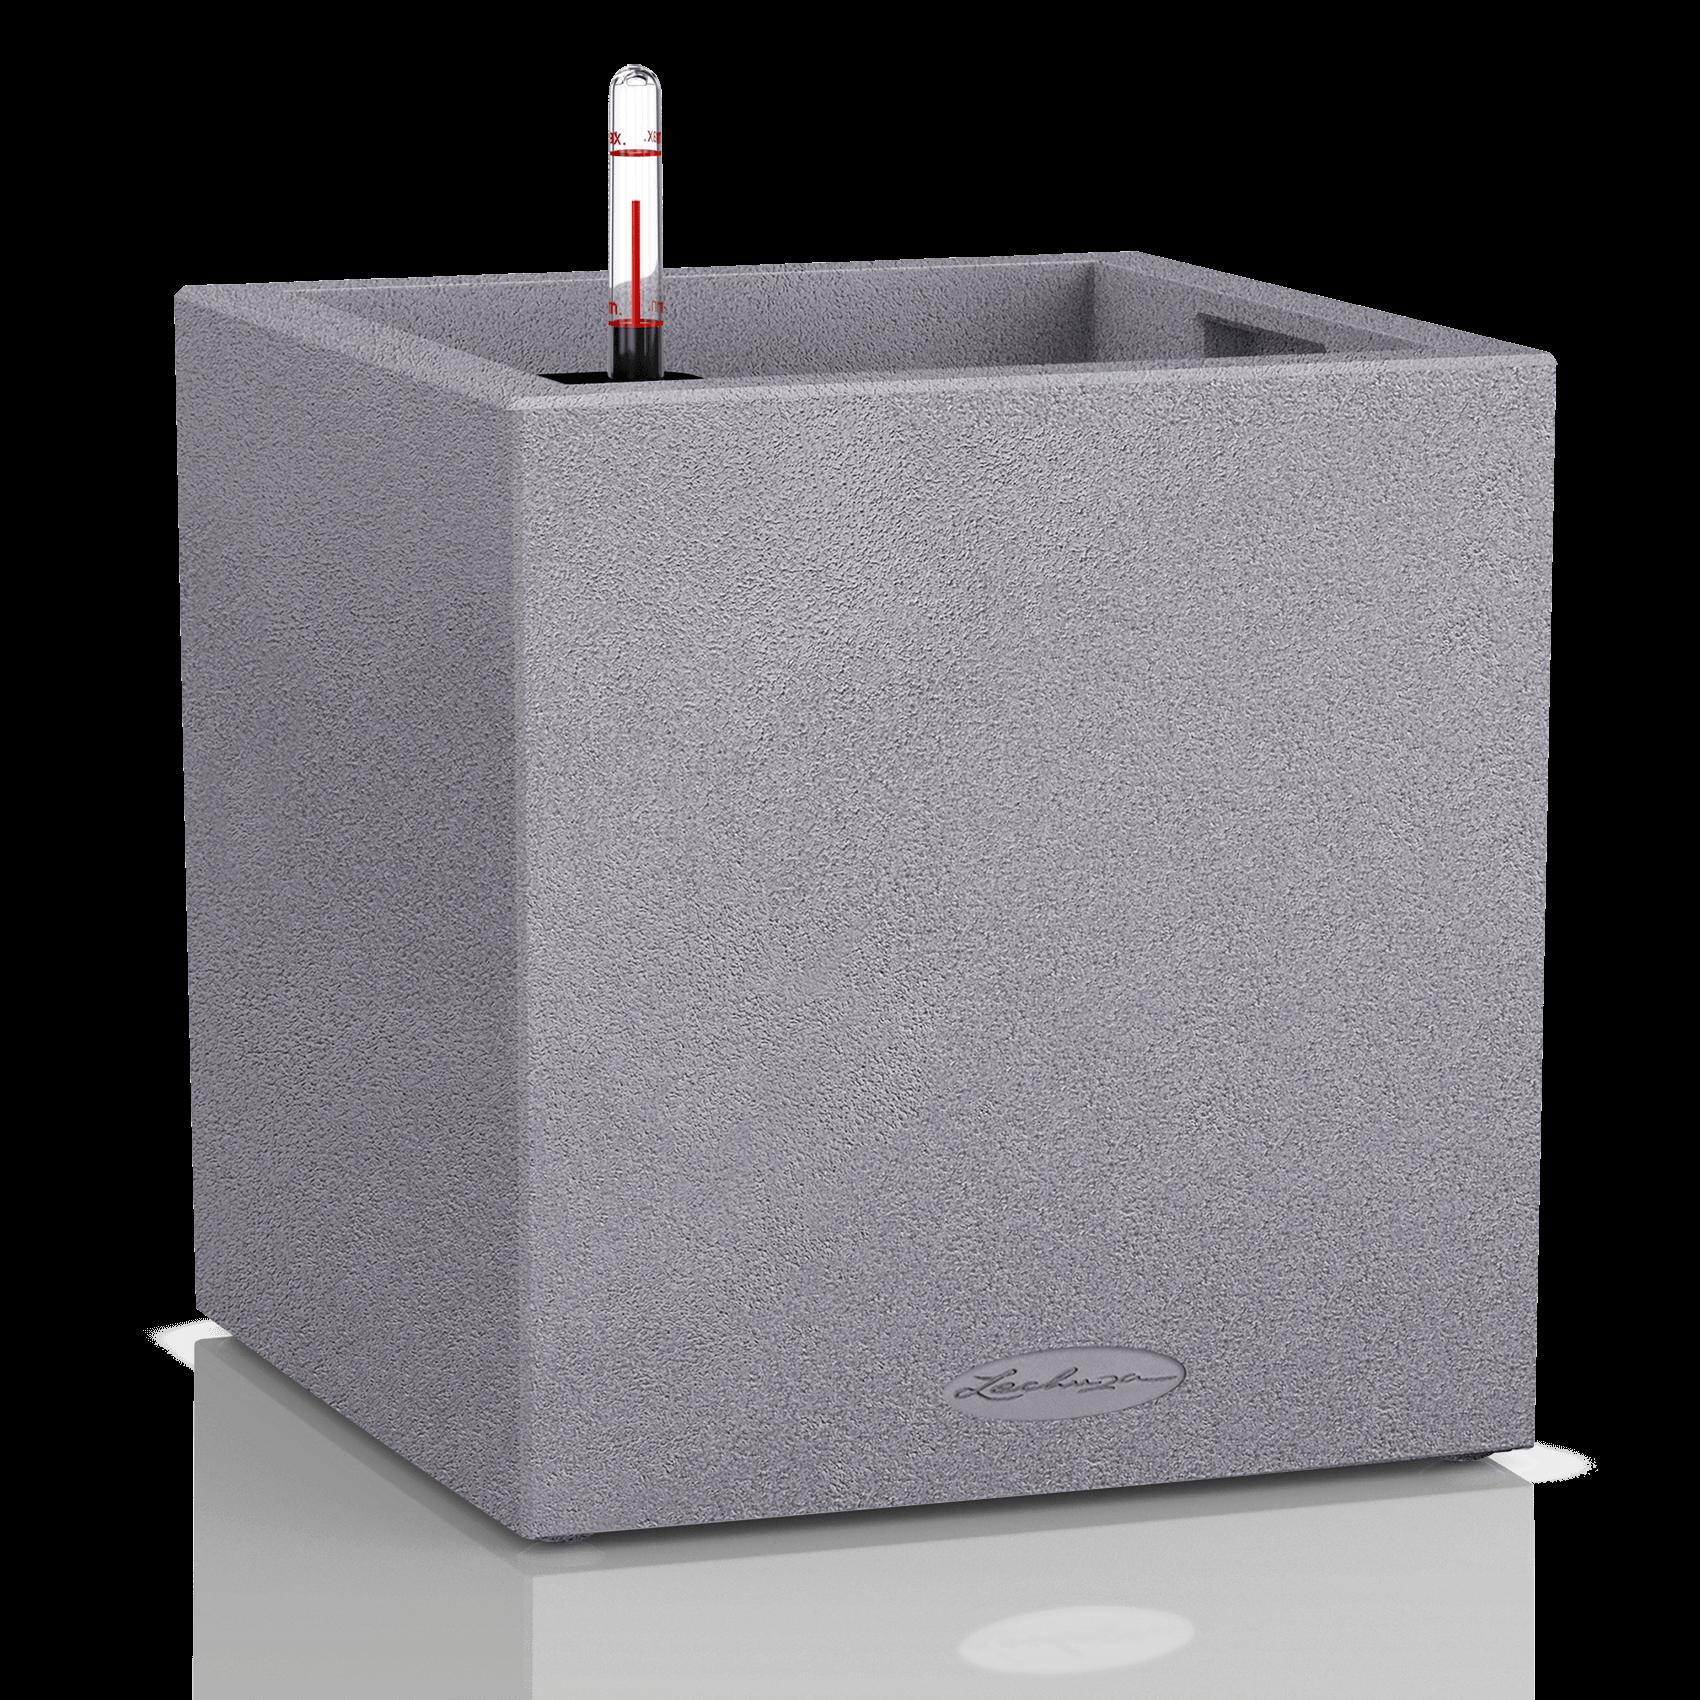 CANTO Color cube 30 stone gray